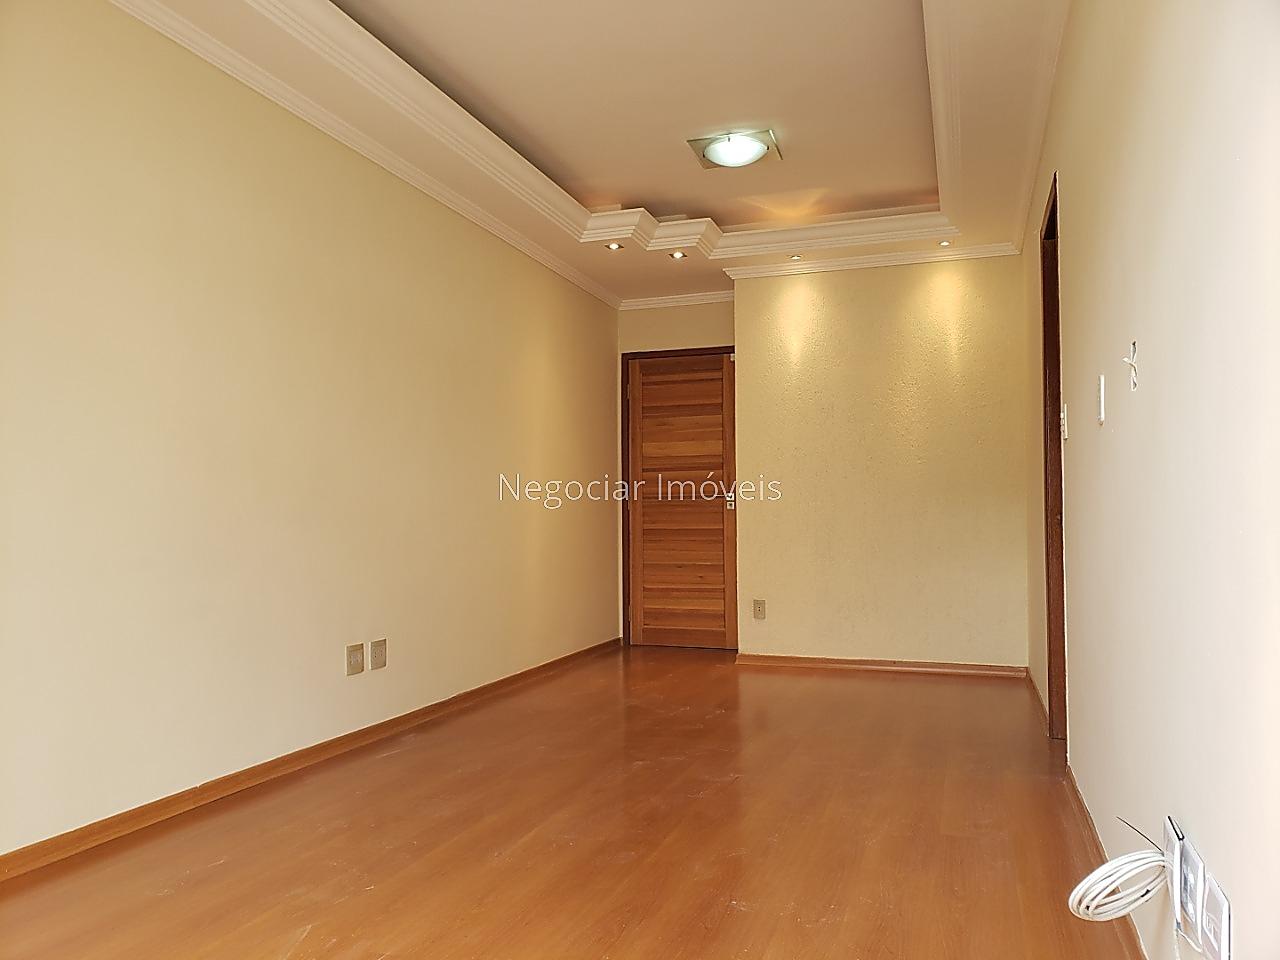 Apartamento à venda em Morro da Glória, Juiz de Fora - MG - Foto 1